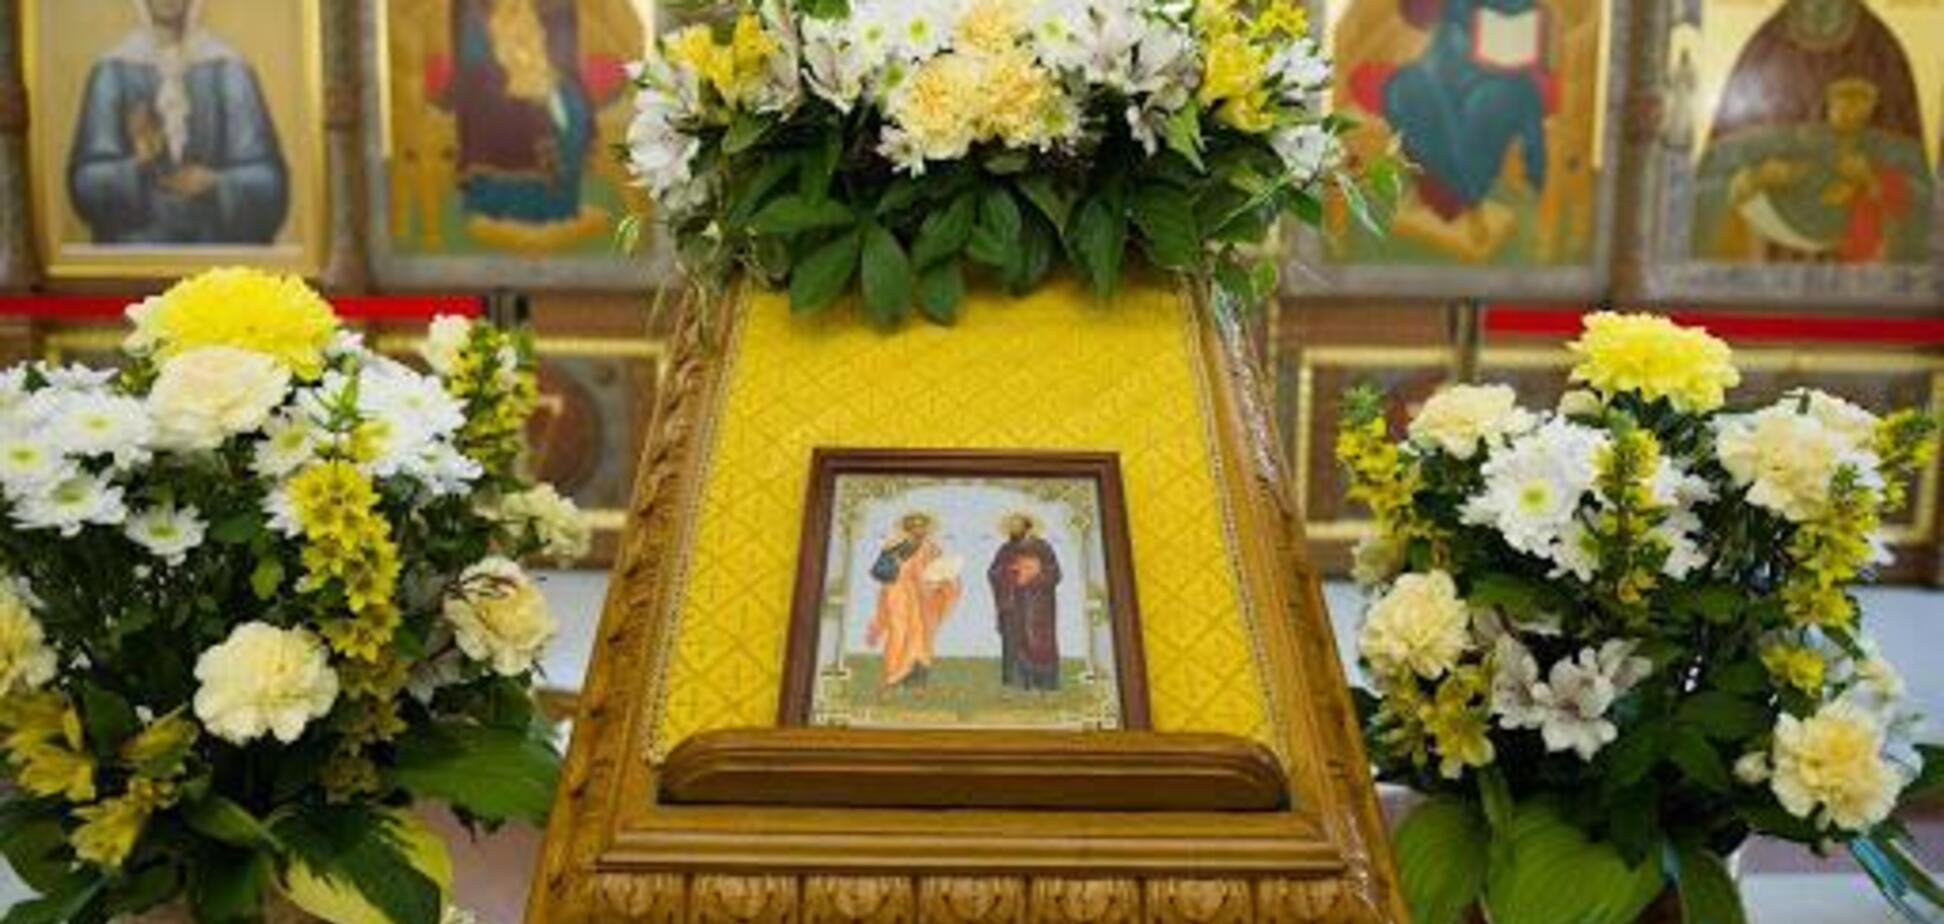 12 июля отмечают День памяти святых апостолов Петра и Павла